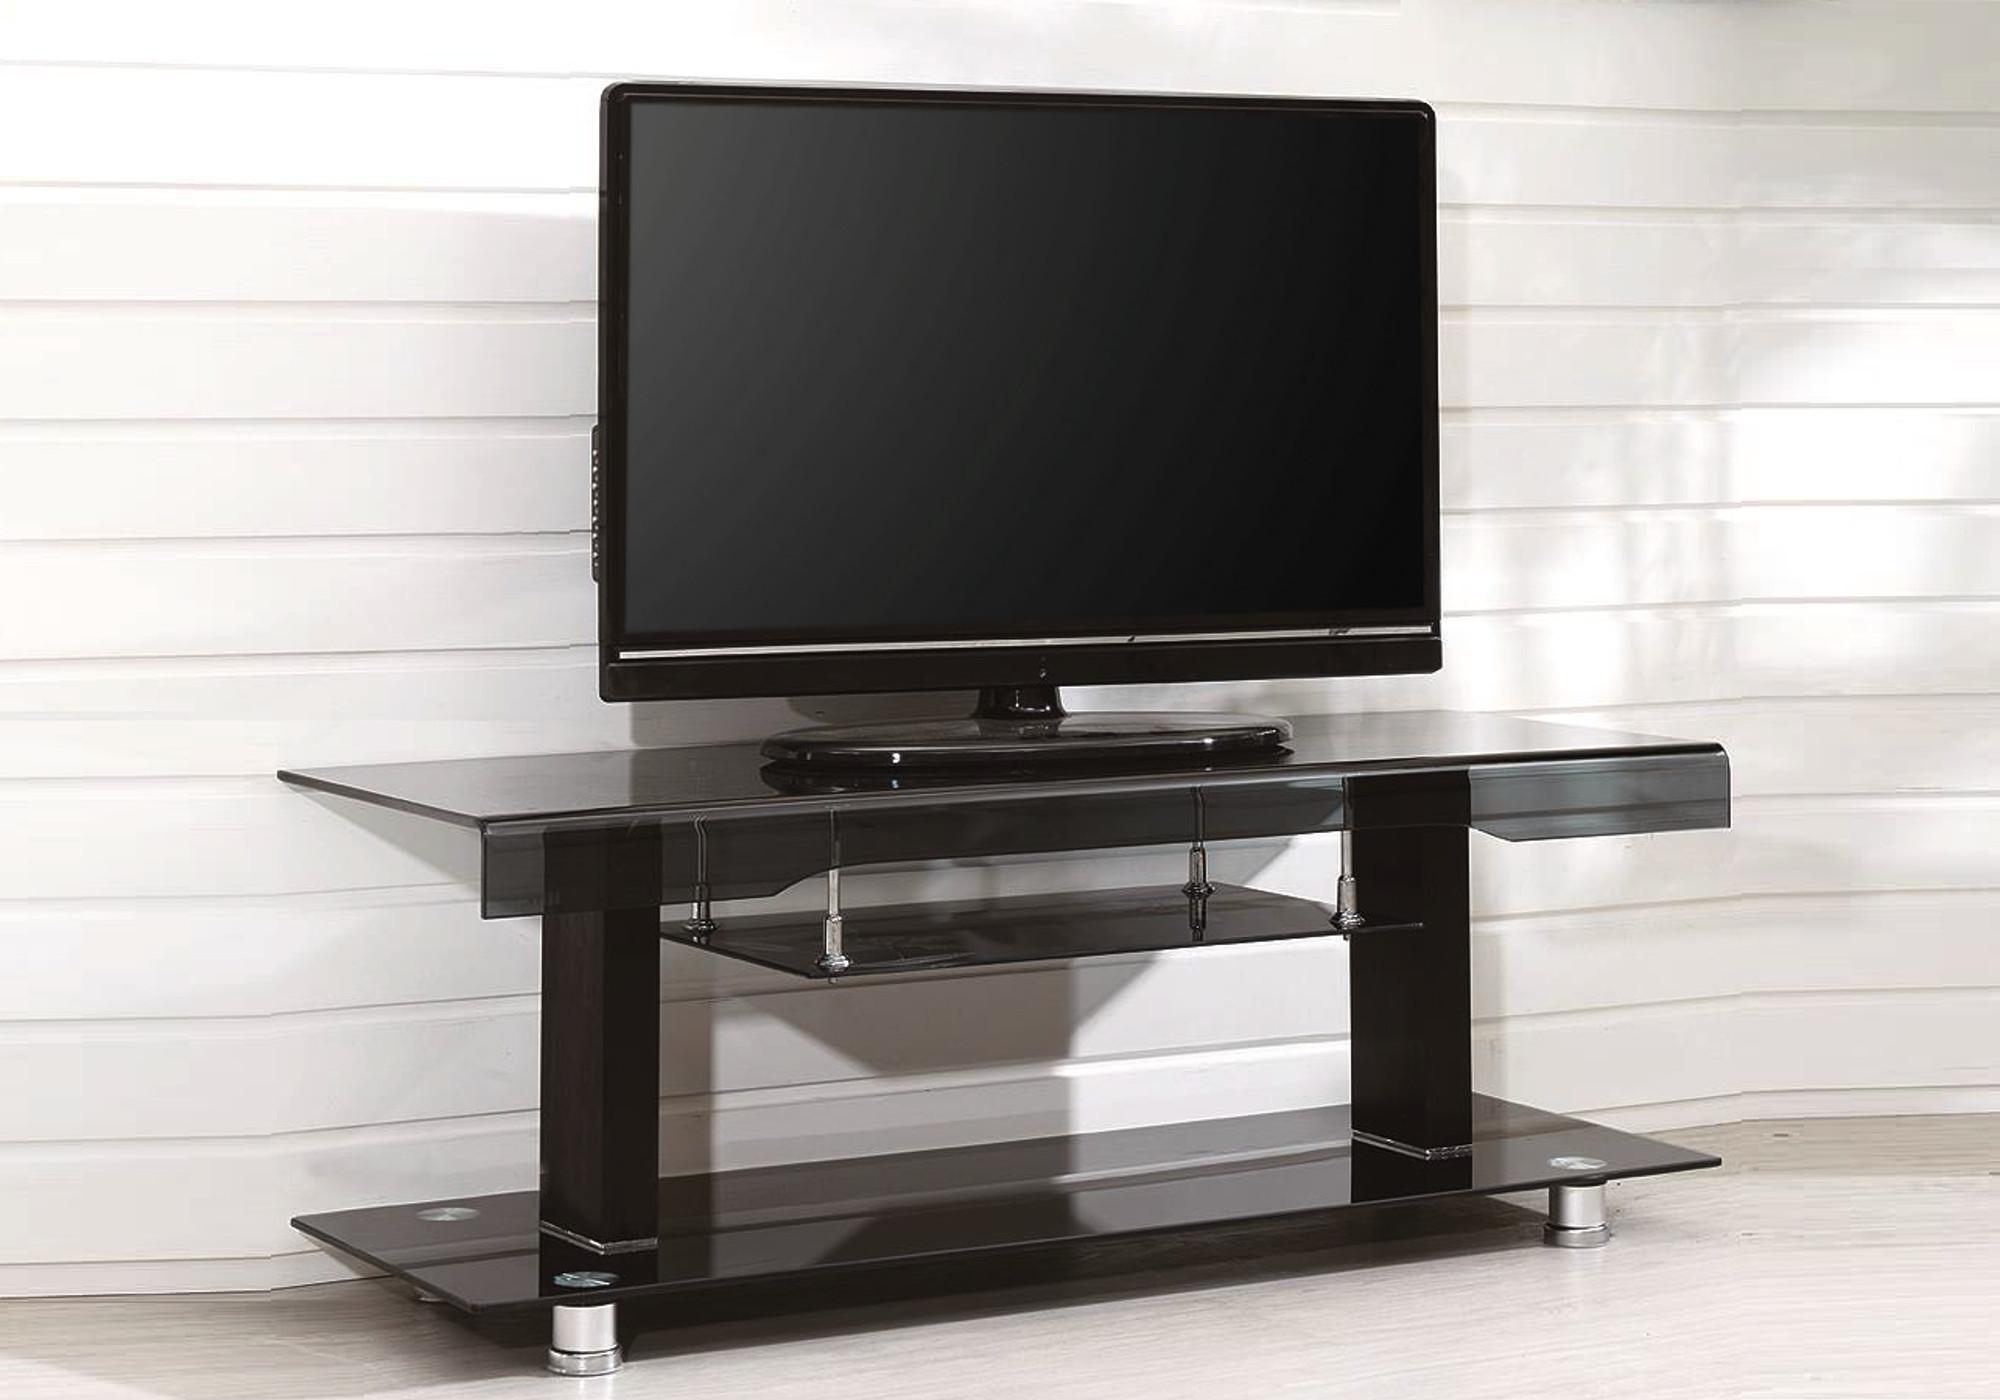 Meuble TV verre trempé noir OBY